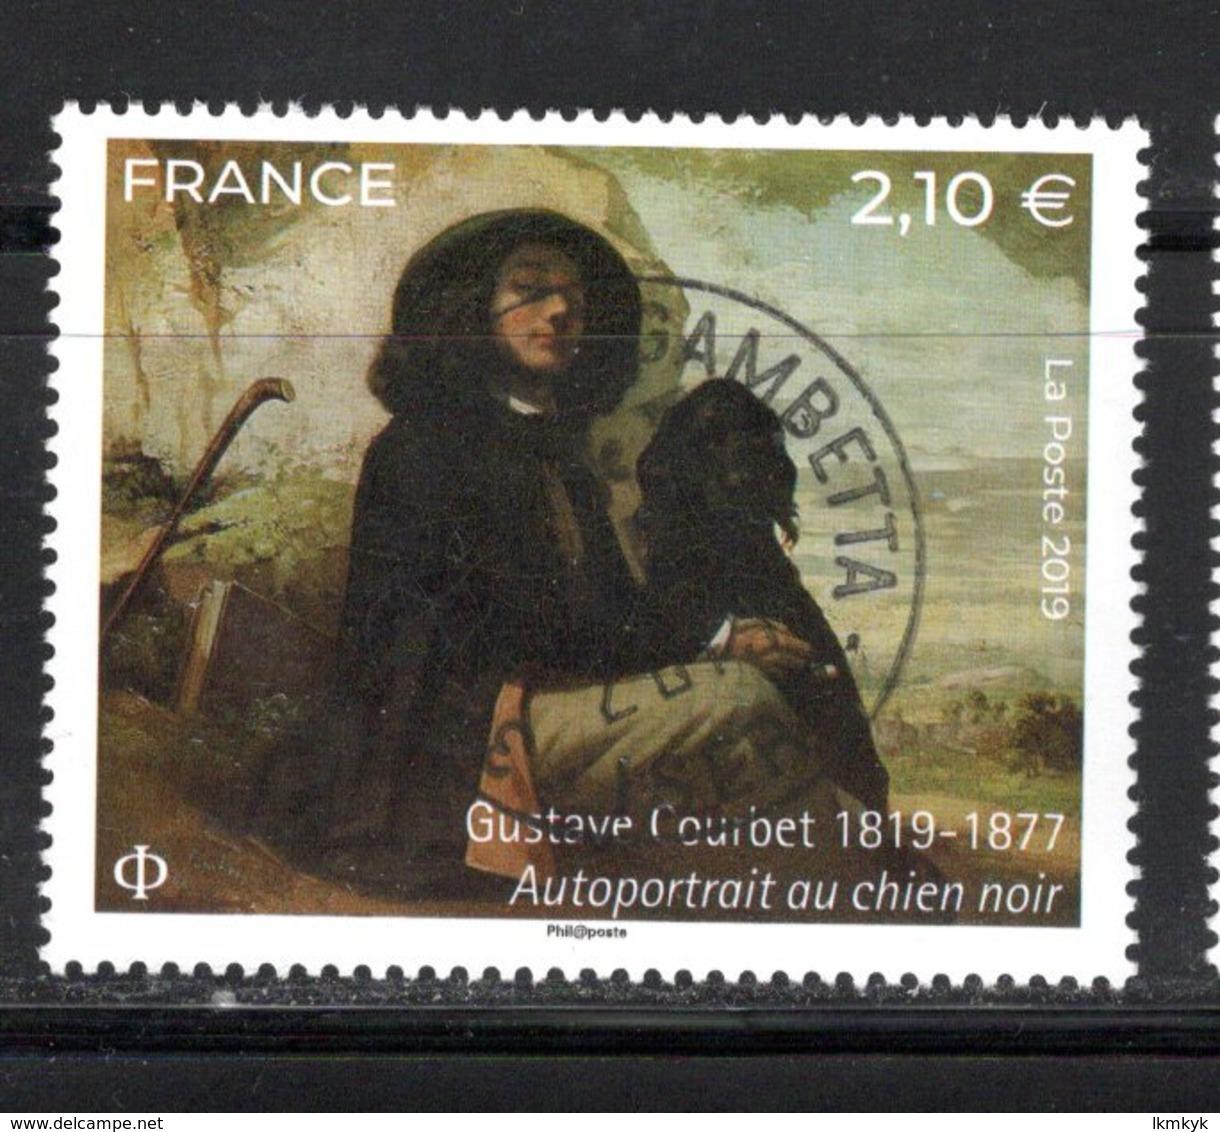 France 2019.Gustave Courbet Autoportrait Au Chien Noire.Cachet Rond Gomme D'origine. - Oblitérés